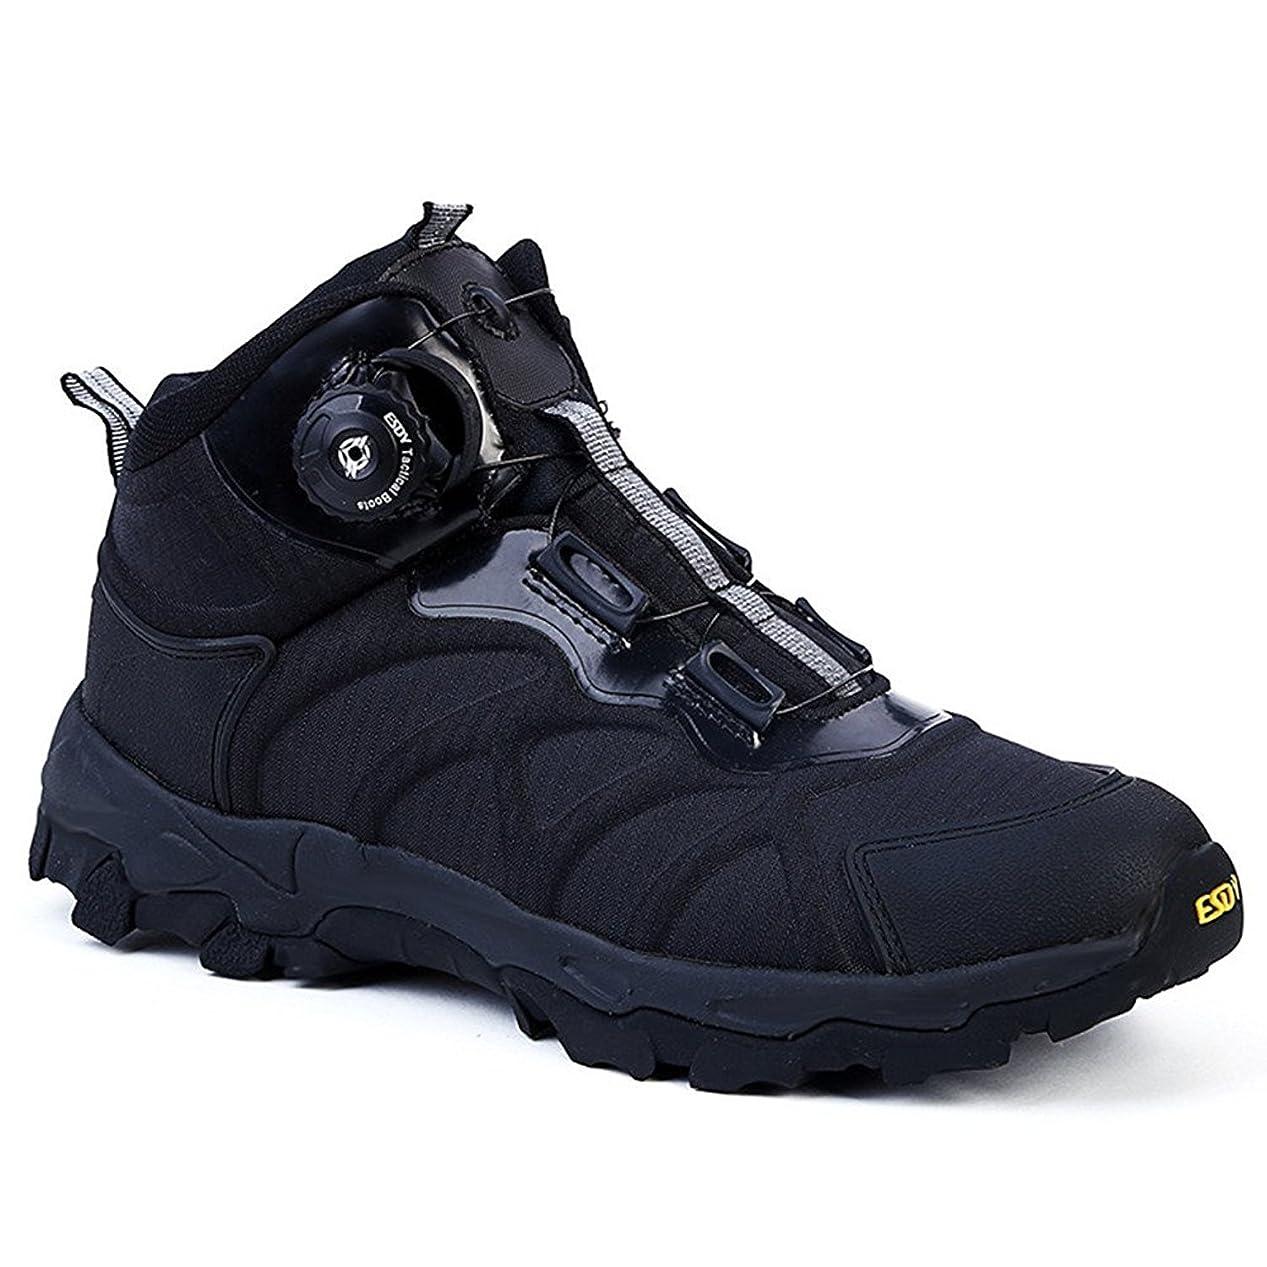 ターミナル絶望的なお嬢メンズ アウトドア ダイヤル式 トレッキングシューズ/コンバットブーツ ブラック 紐いらずのリール機能付き 軽量 防滑 防寒 快適 簡単脱着 登山靴